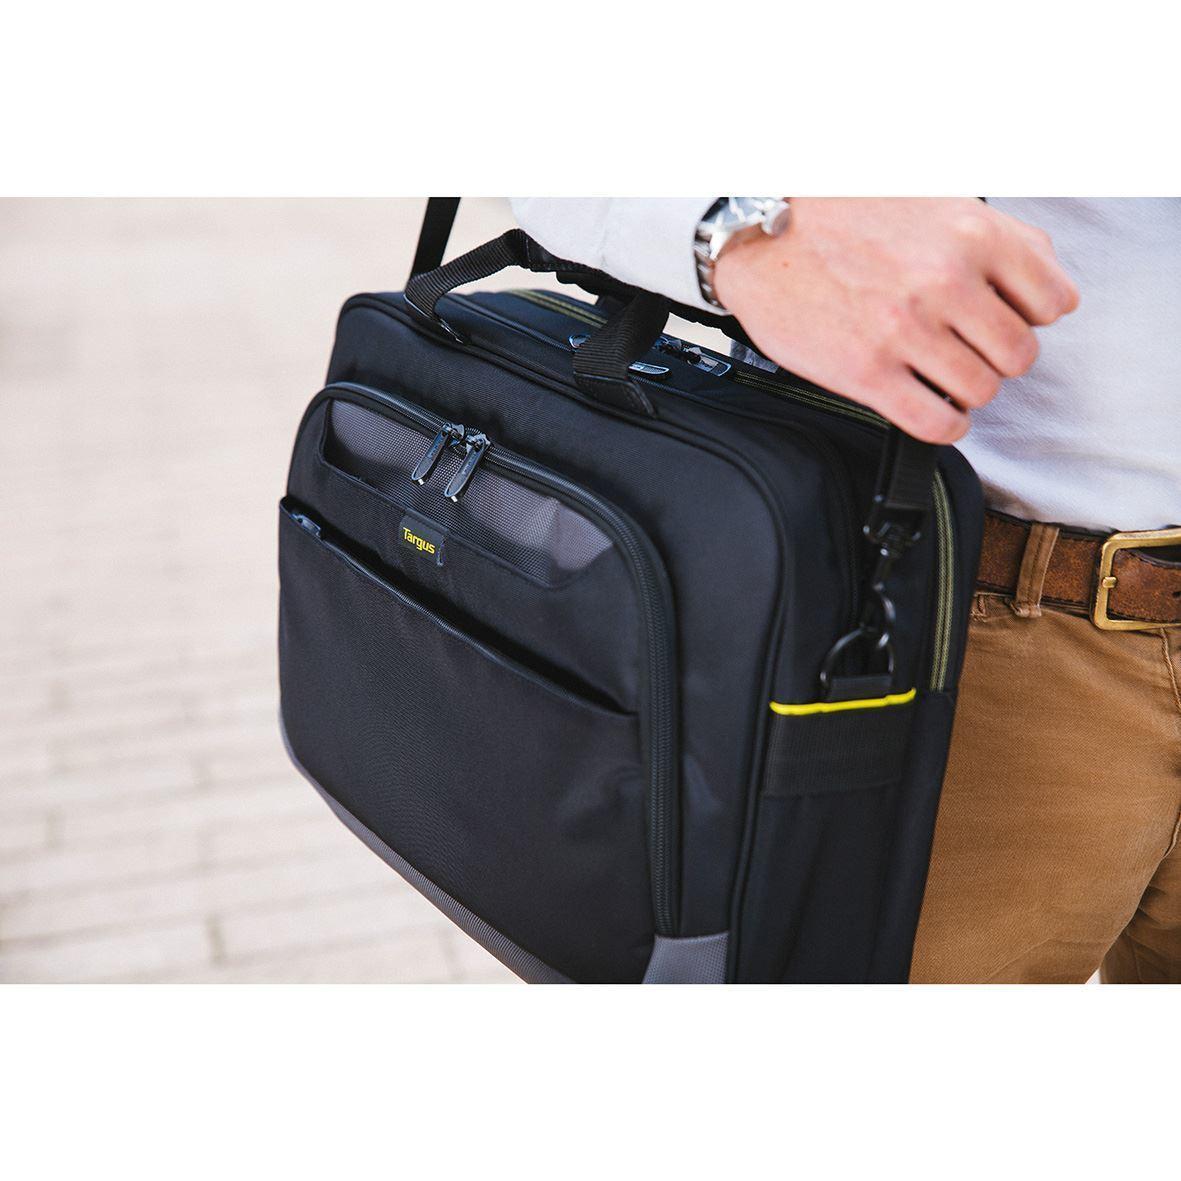 4910899775d Zwart Zw Dell Laptoptassen Kopen - My Own Email